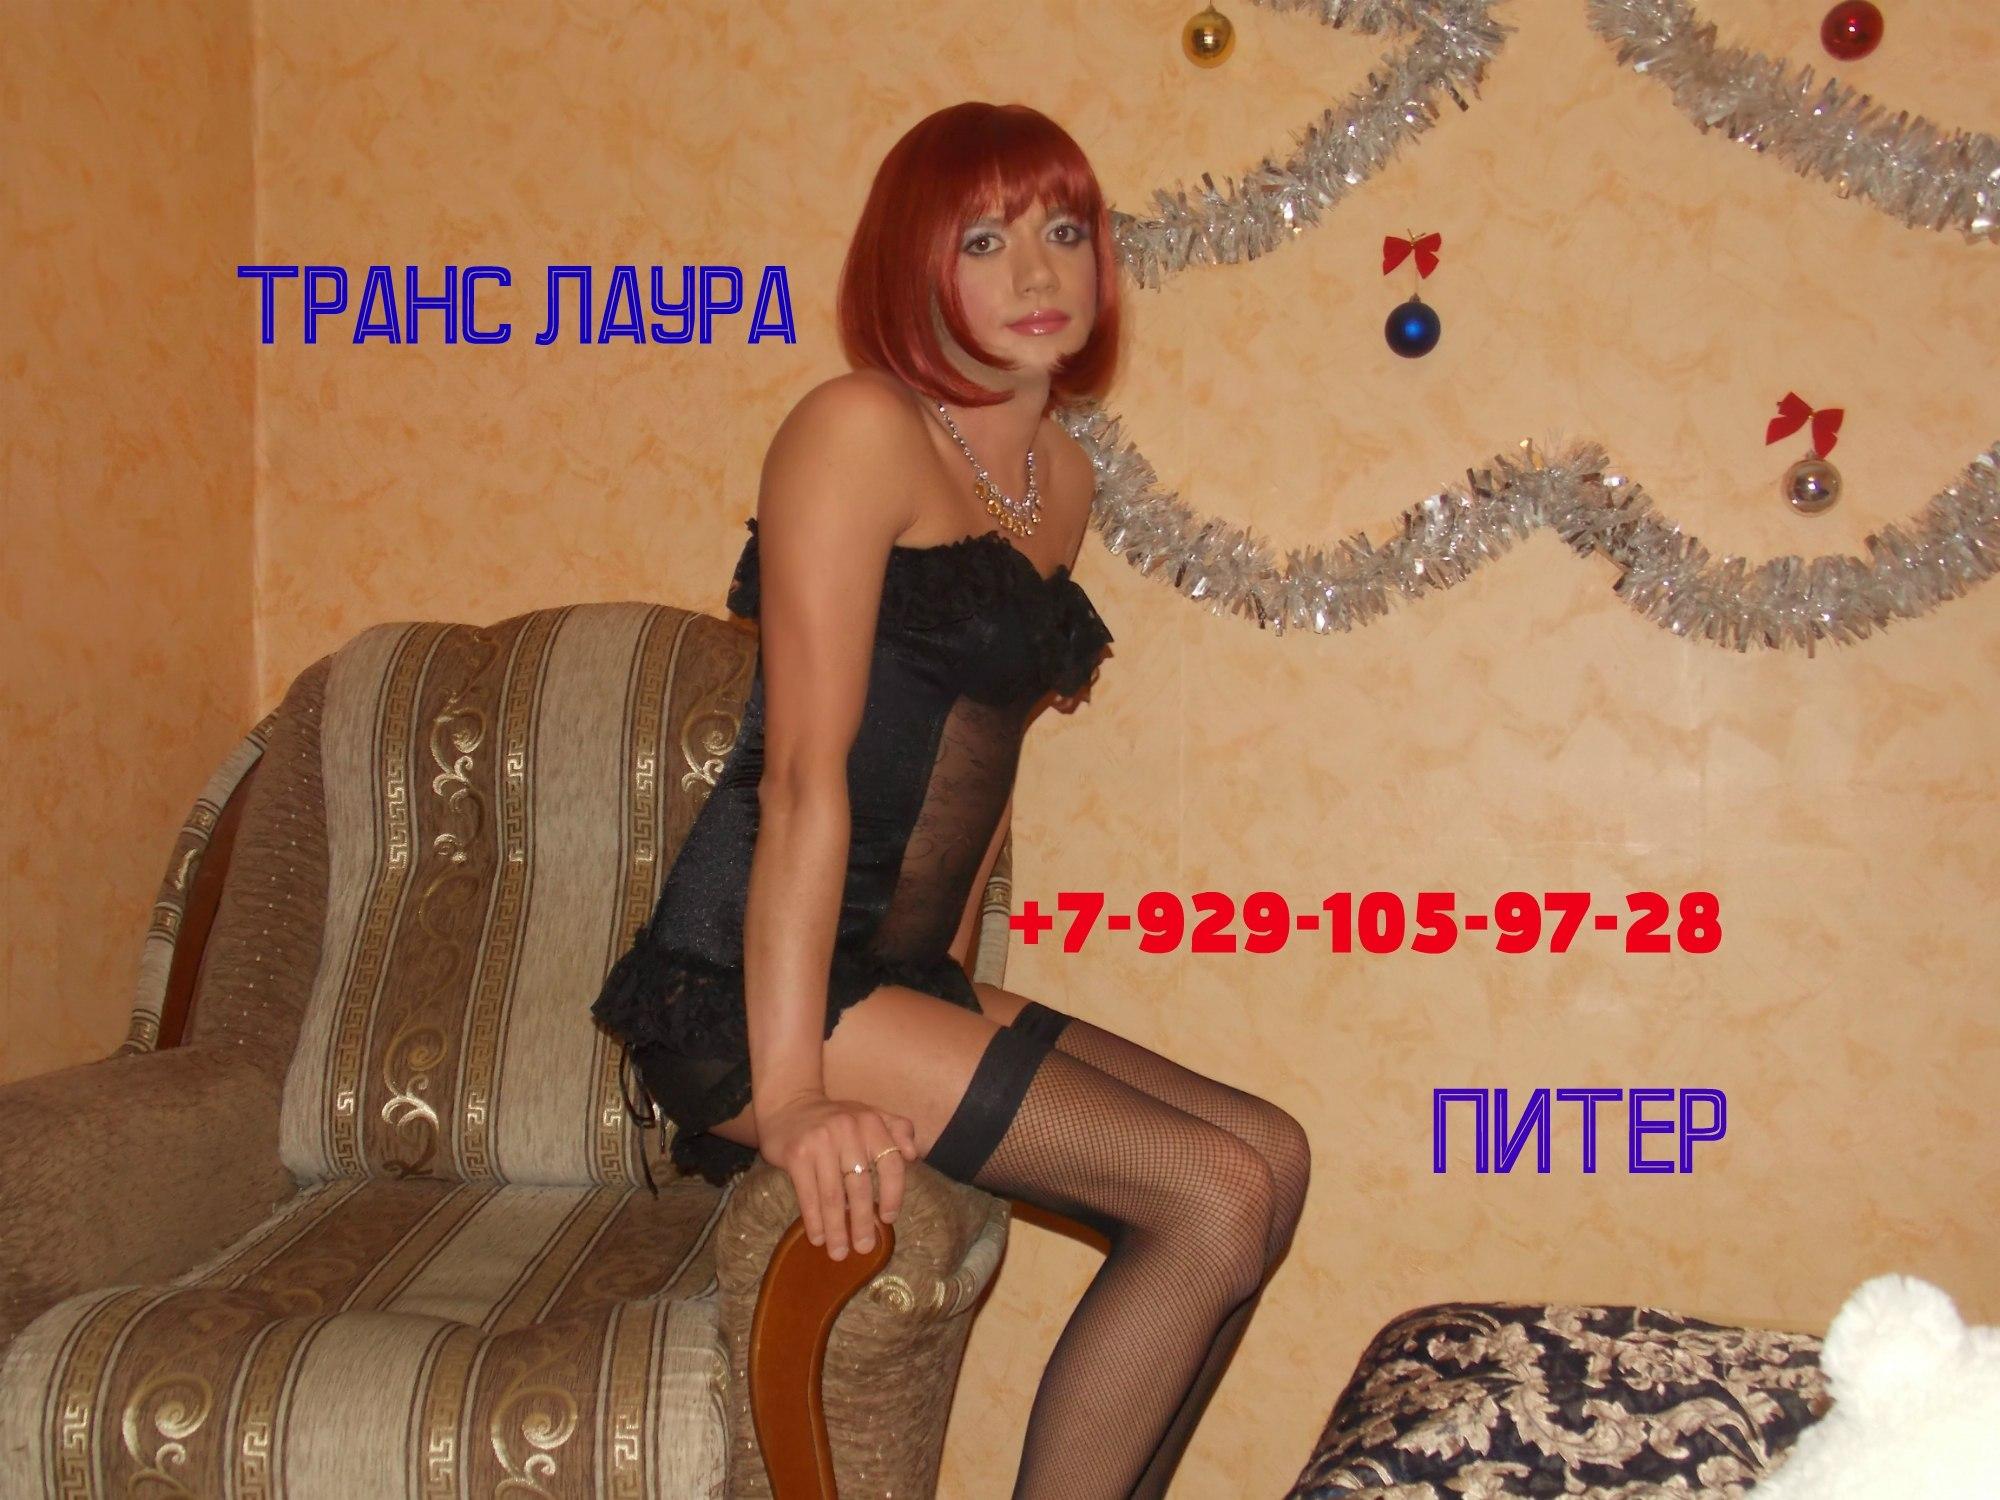 Снять проститутку индивидуалку в красноярске